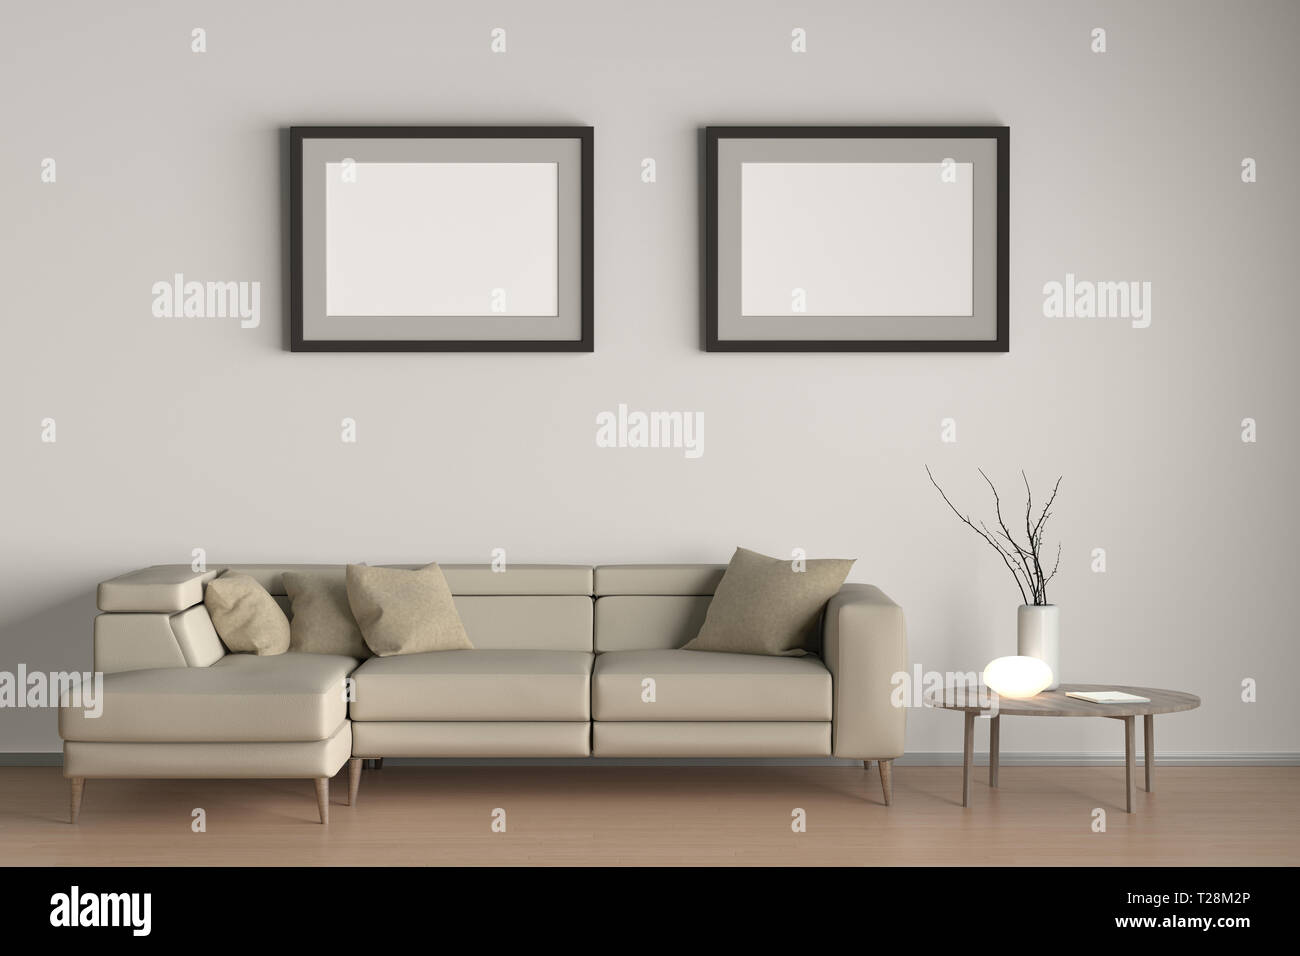 Deux Horizontales À D'un Salon Affiches Blanches L'intérieur Avec jL354ARq